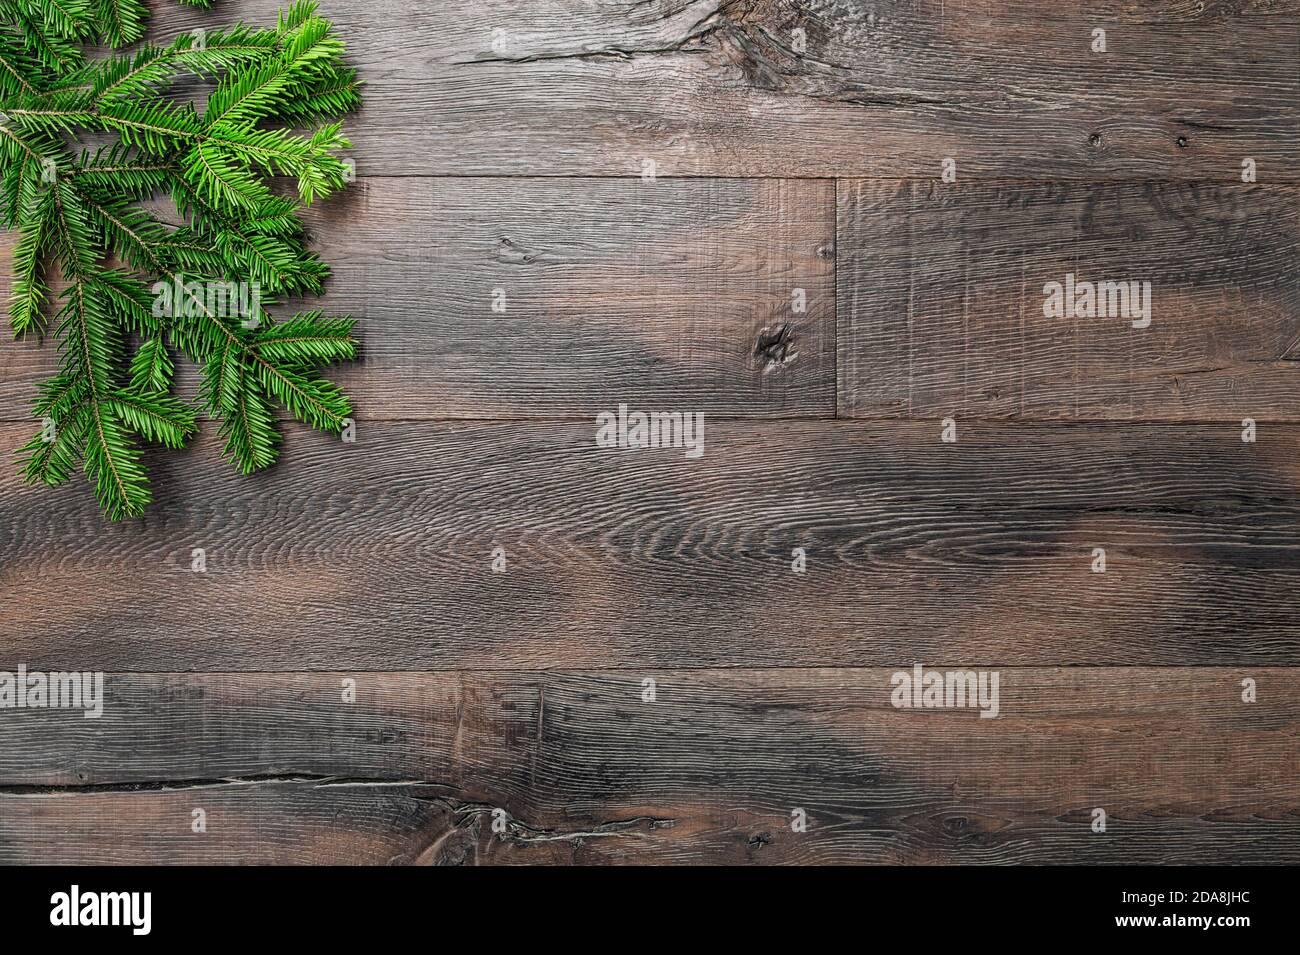 Décoration de Noël sur fond de bois rustique. Branches de pin vert. Banque D'Images